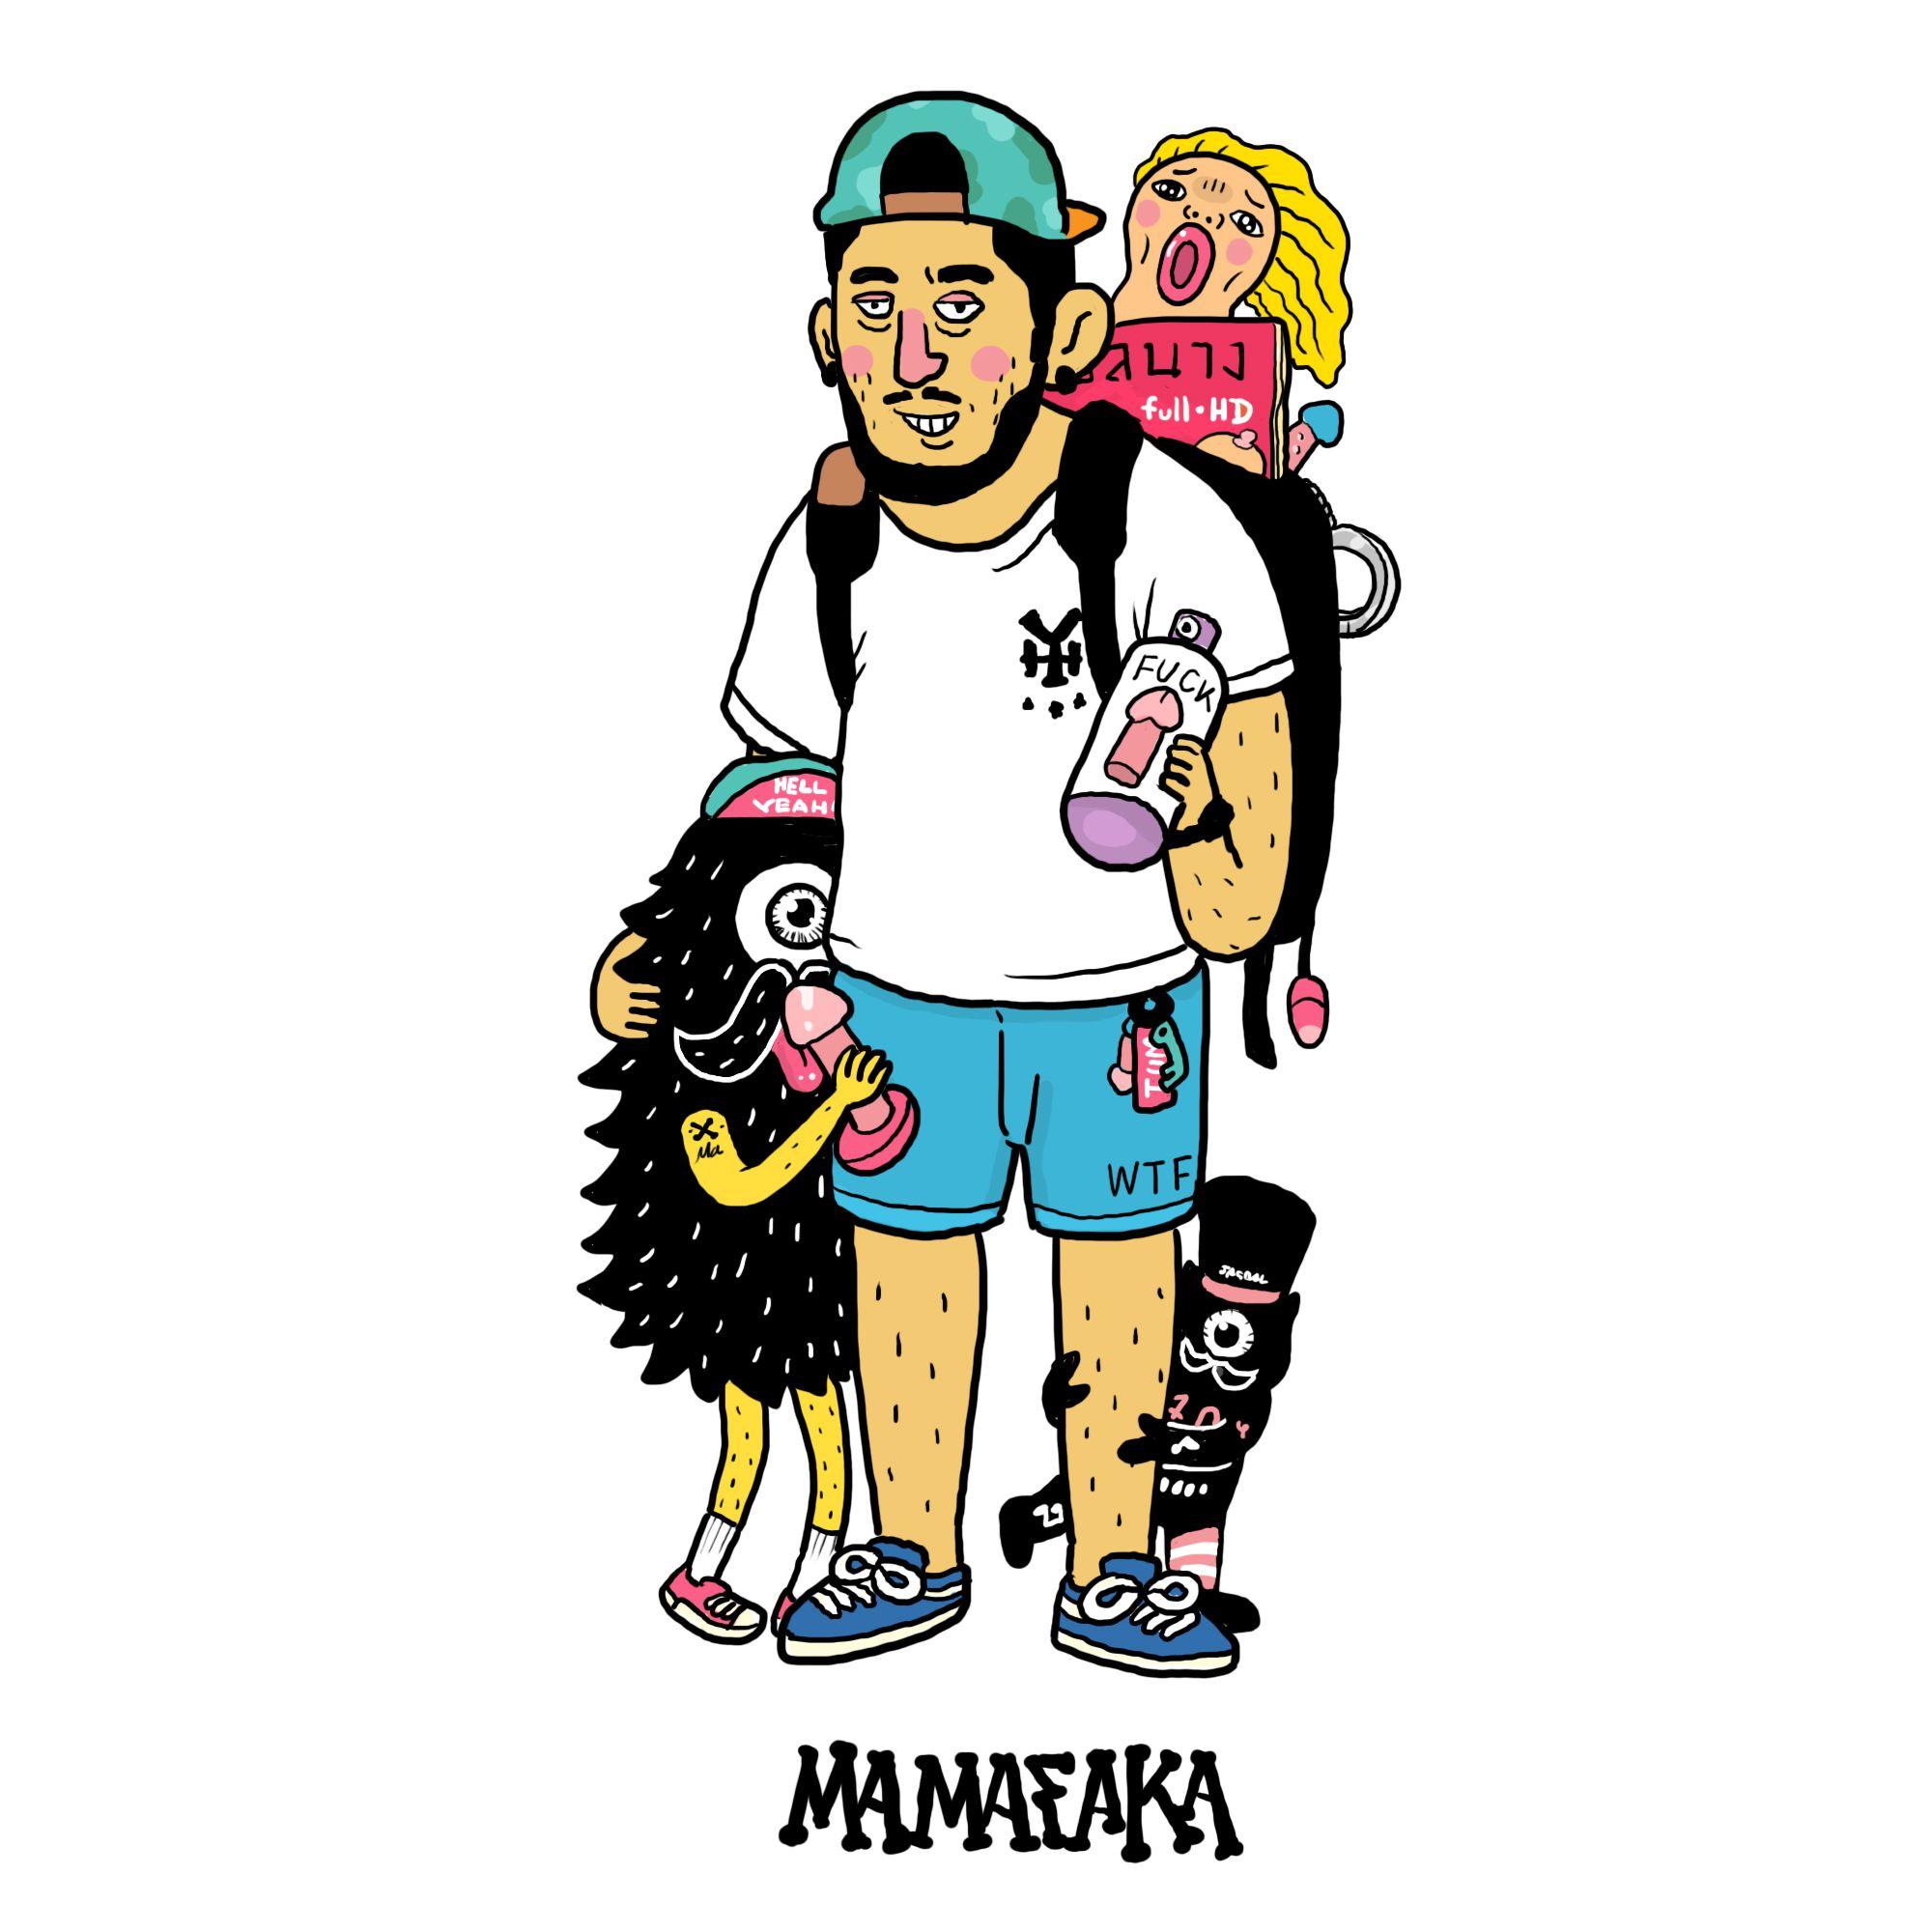 Mamafaka